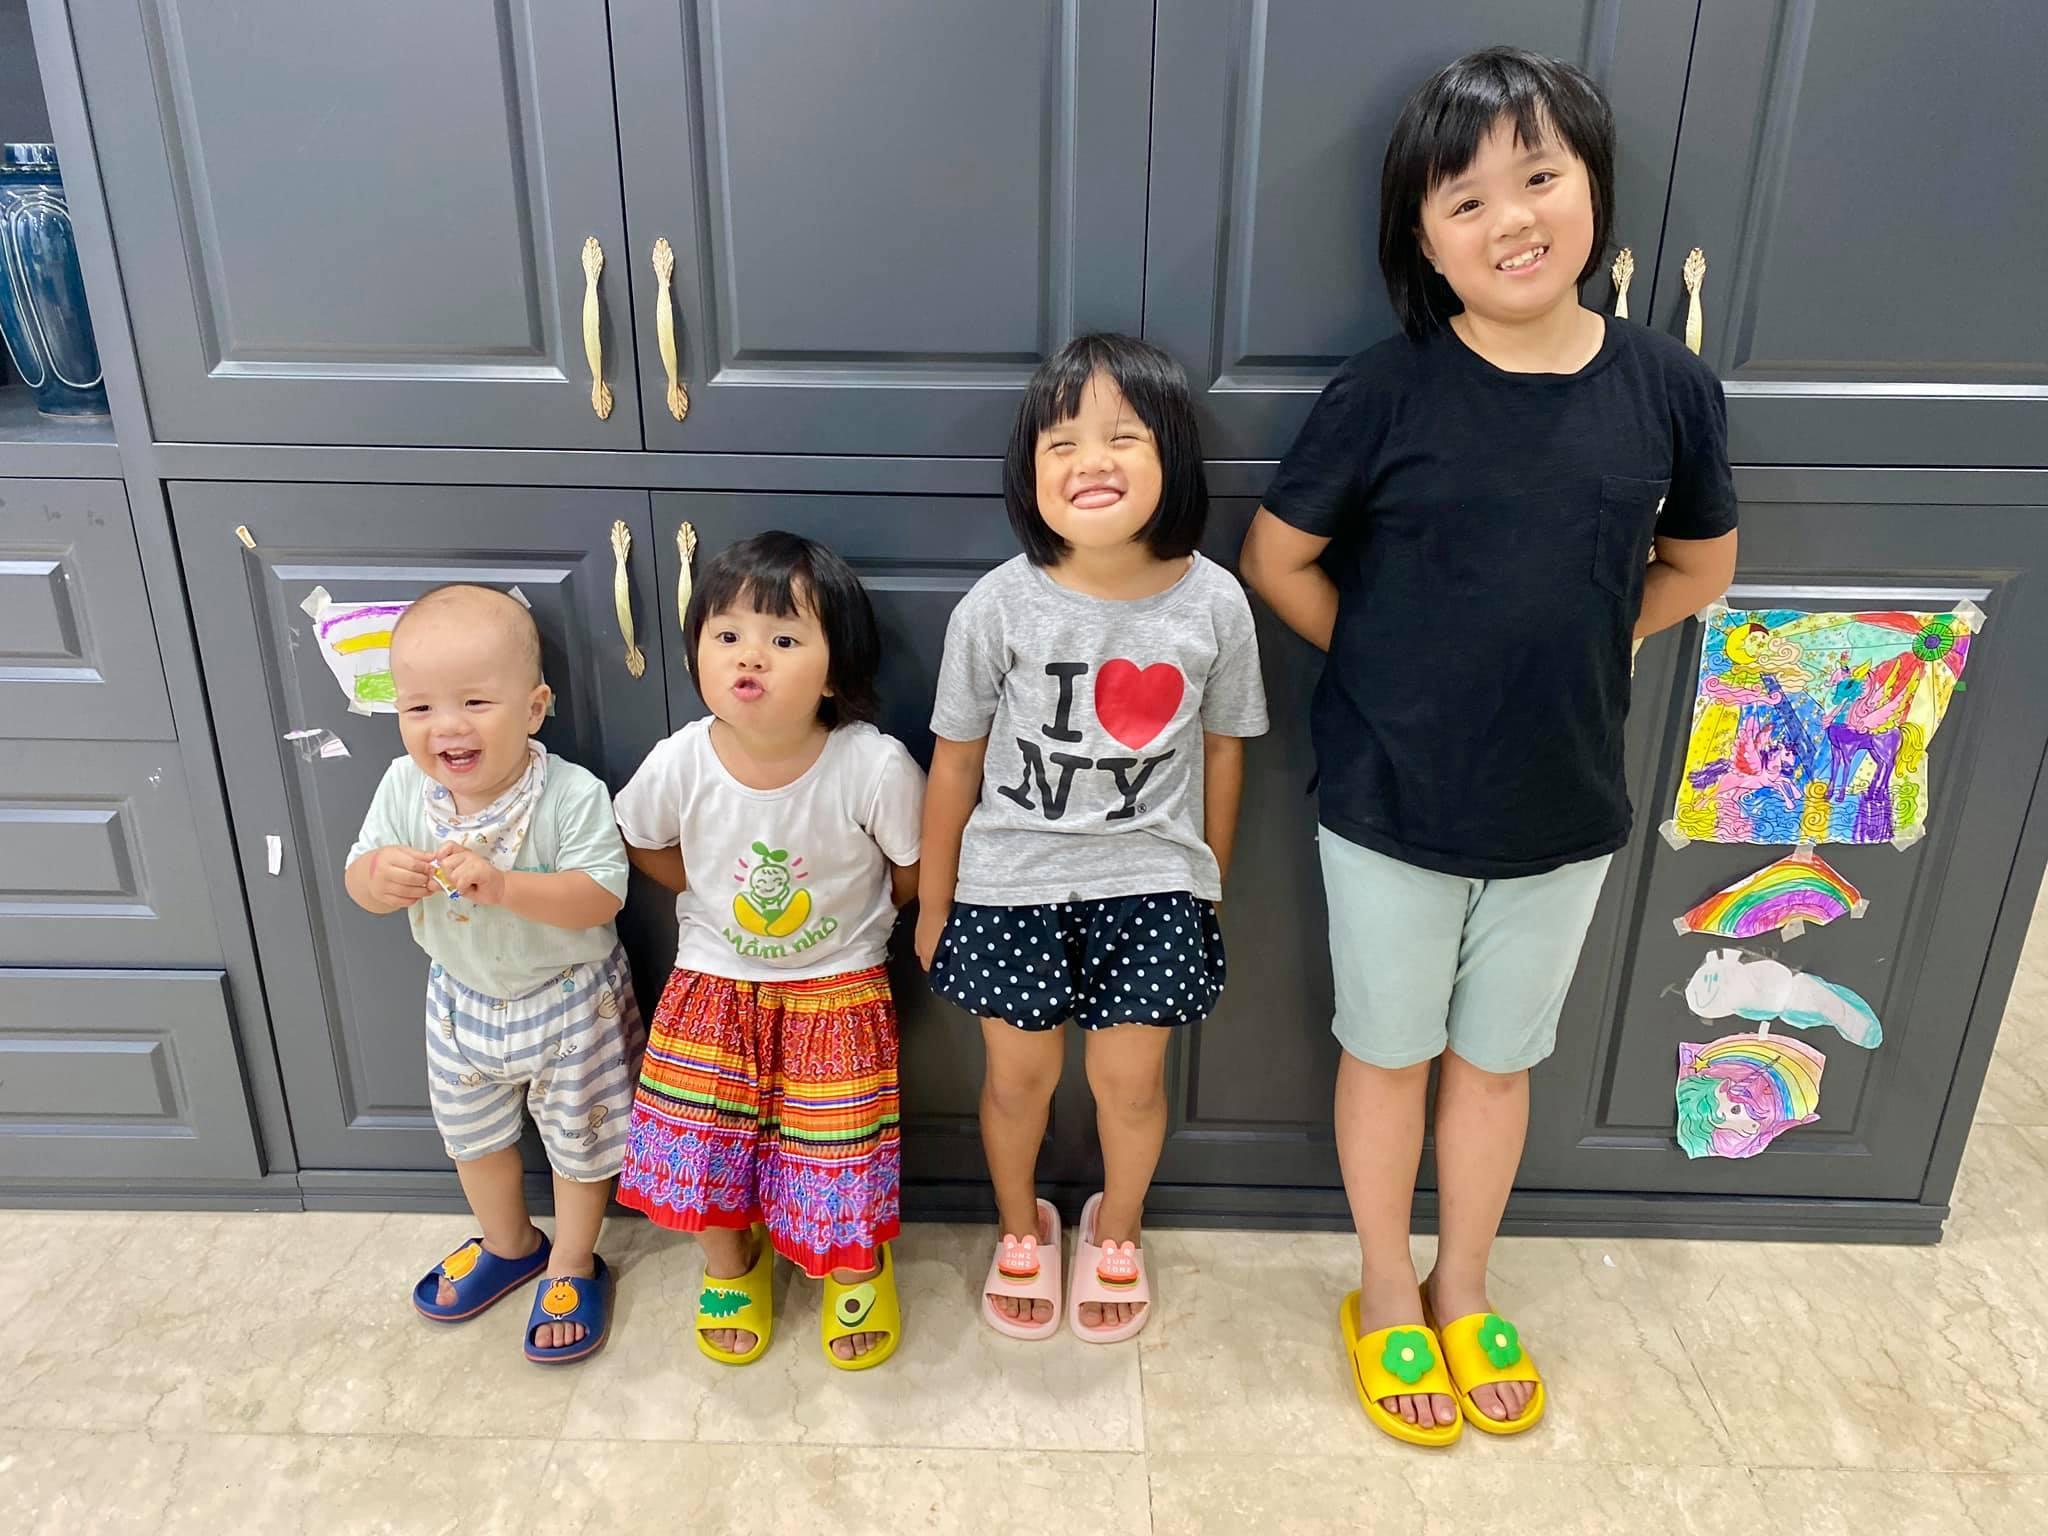 'Hot mom 4 con' MC Minh Trang mách nước dạy dỗ bầy con những ngày nghỉ học phòng dịch - Ảnh 2.